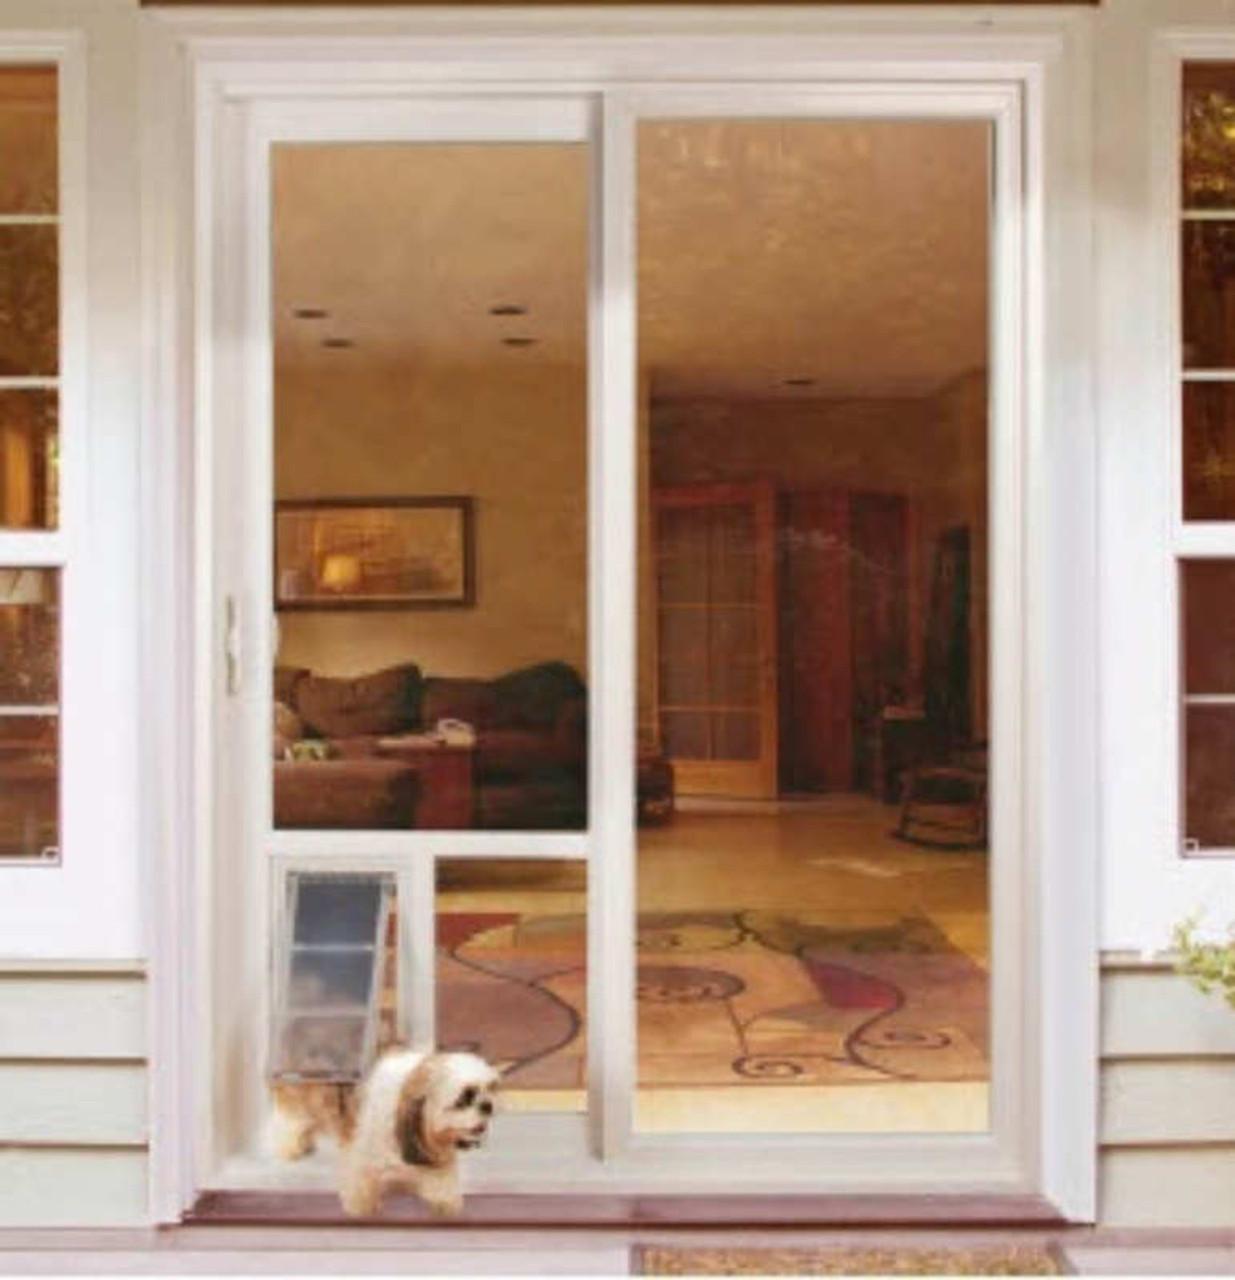 Pet Door Guys In Glass Doggy Doors Is A Replacement Window For Your Sliding  Door Or